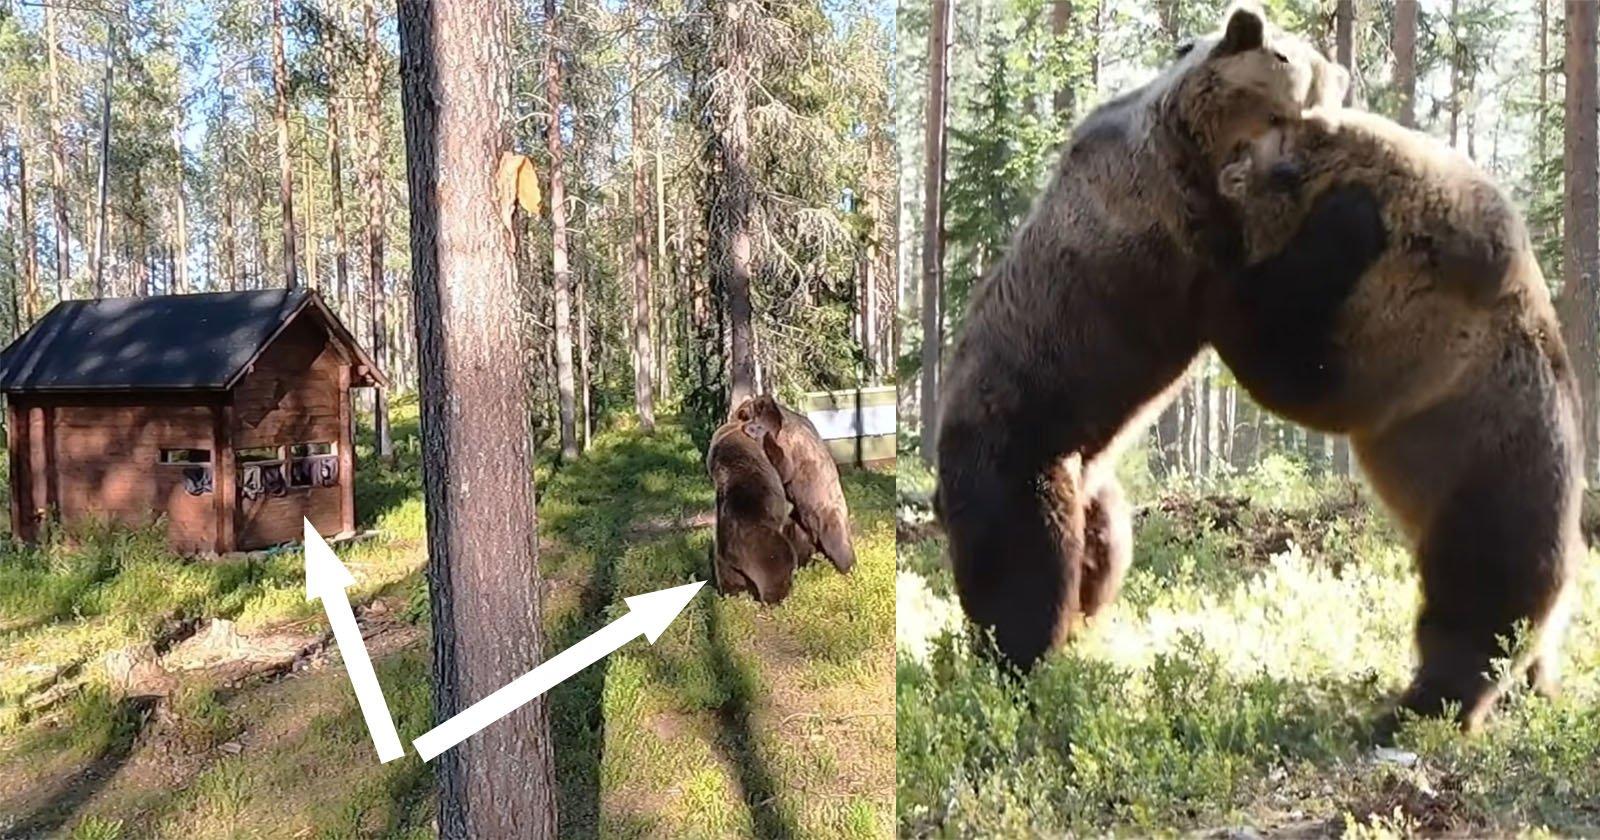 L'epico scontro con l'orso va a pochi passi dalla troupe televisiva